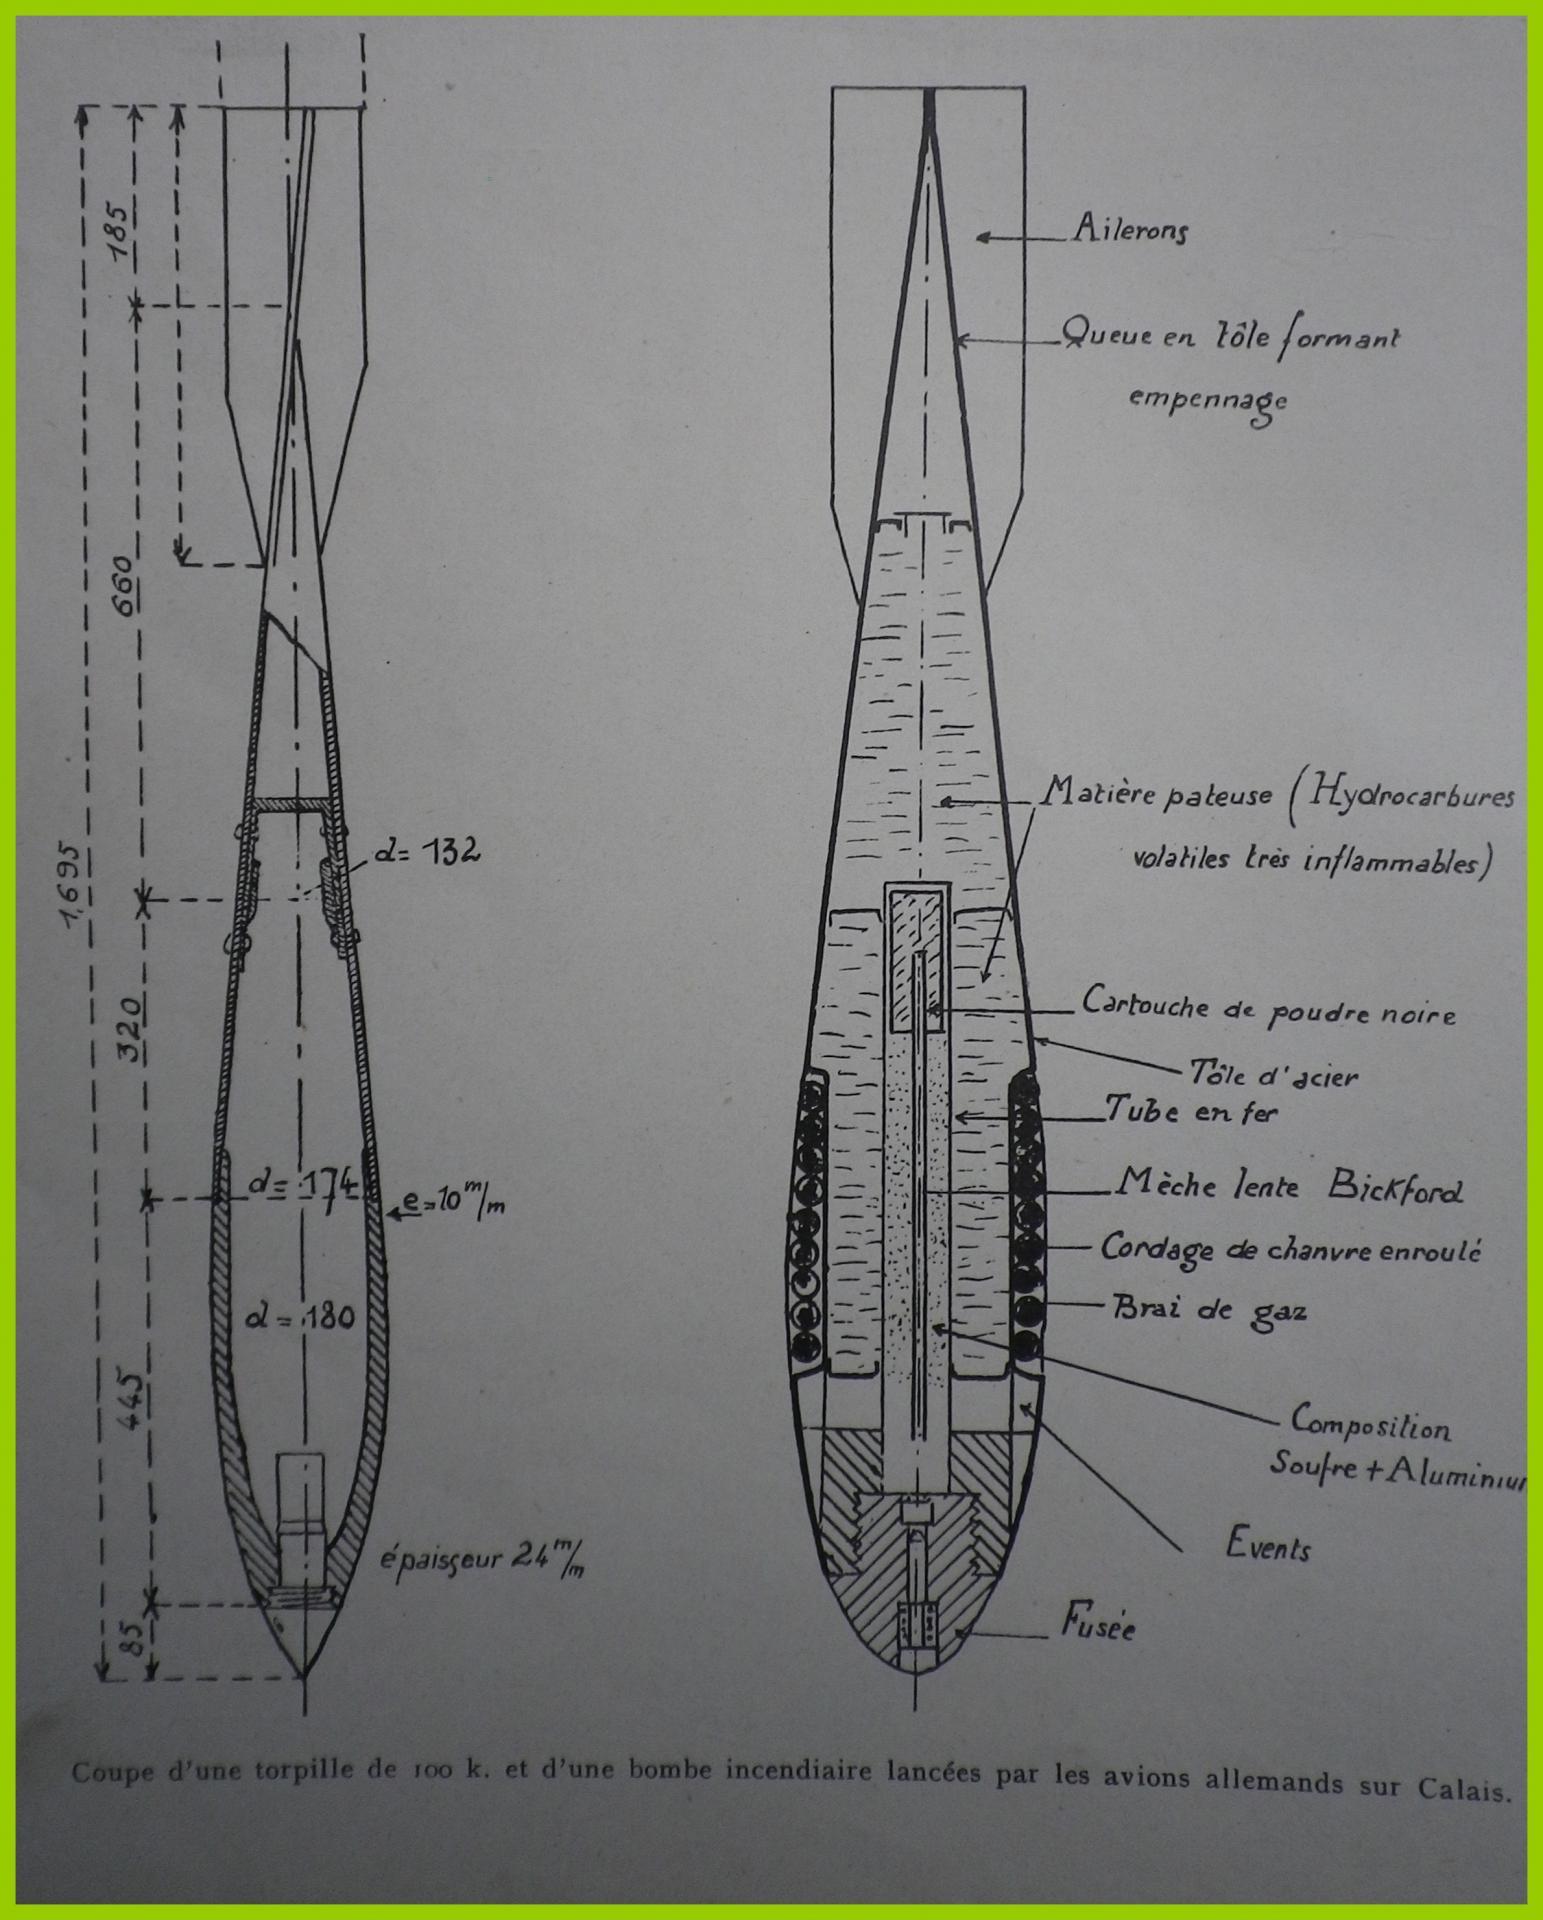 Calais 14 18 torpille de 100 k et bombe incendiaire lancees par les avions allemands sur calais encadre